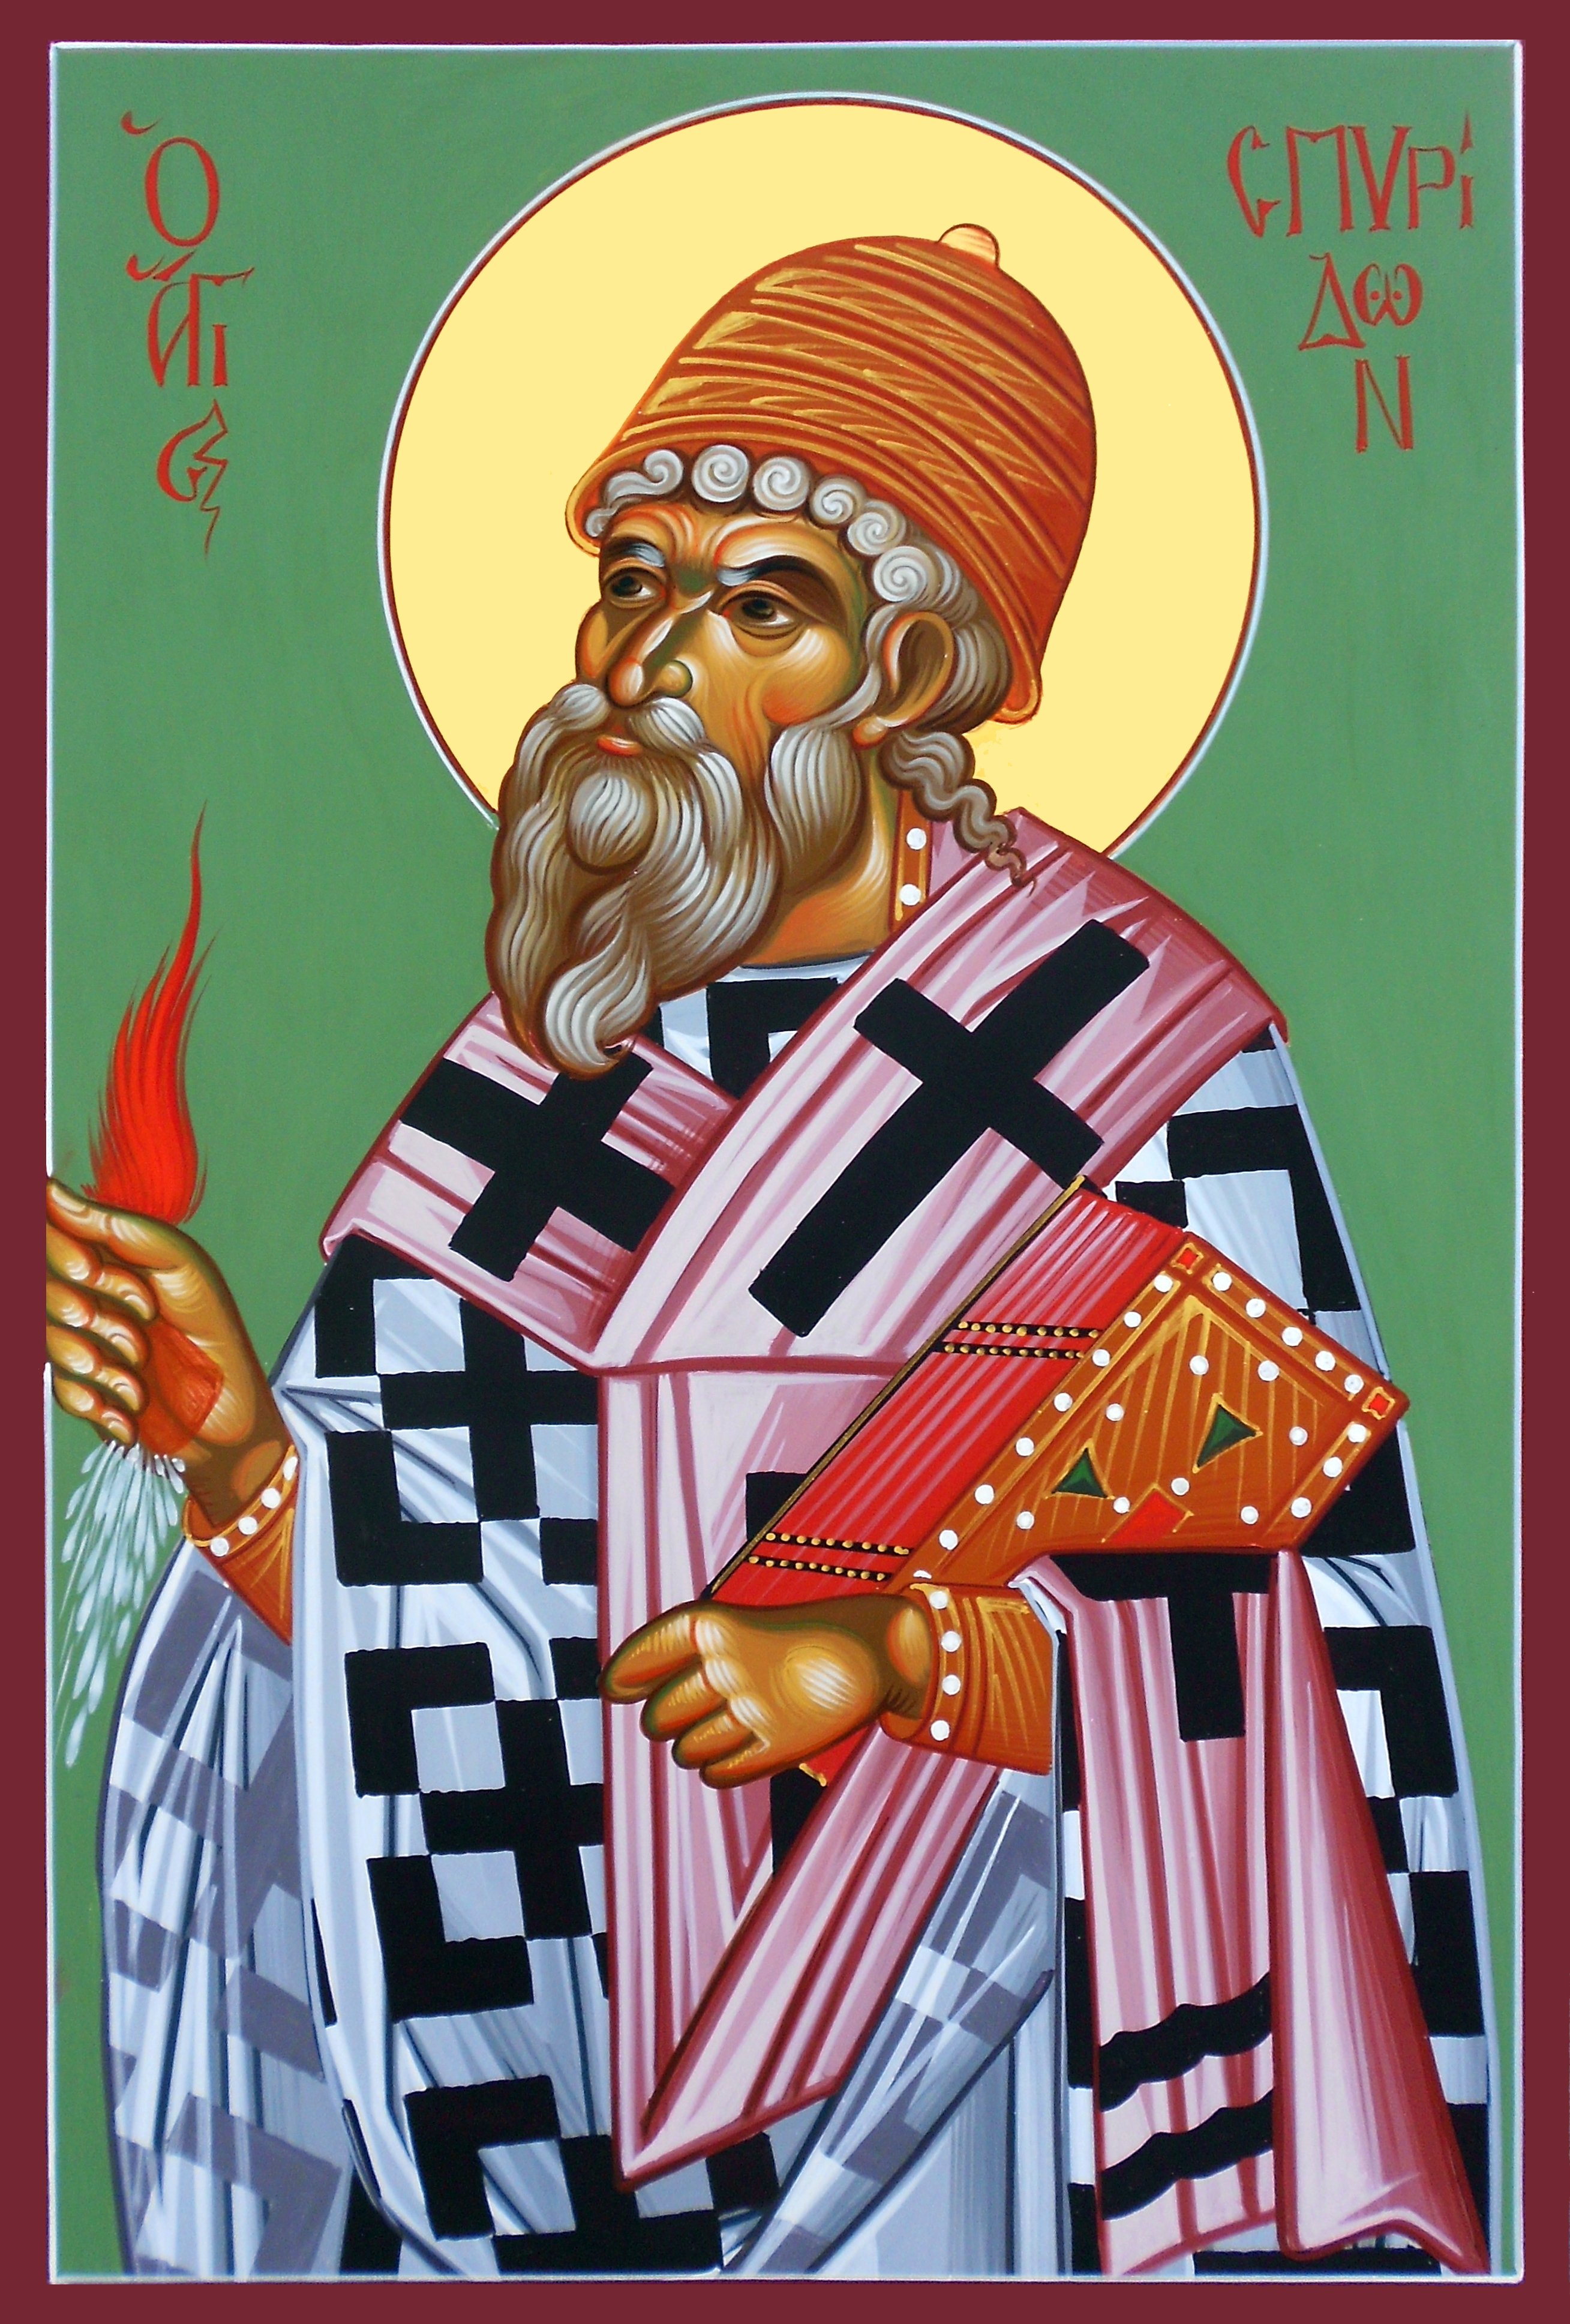 Ο Άγιος Σπυρίδων,Saint Spyridon,Святитель Спиридон